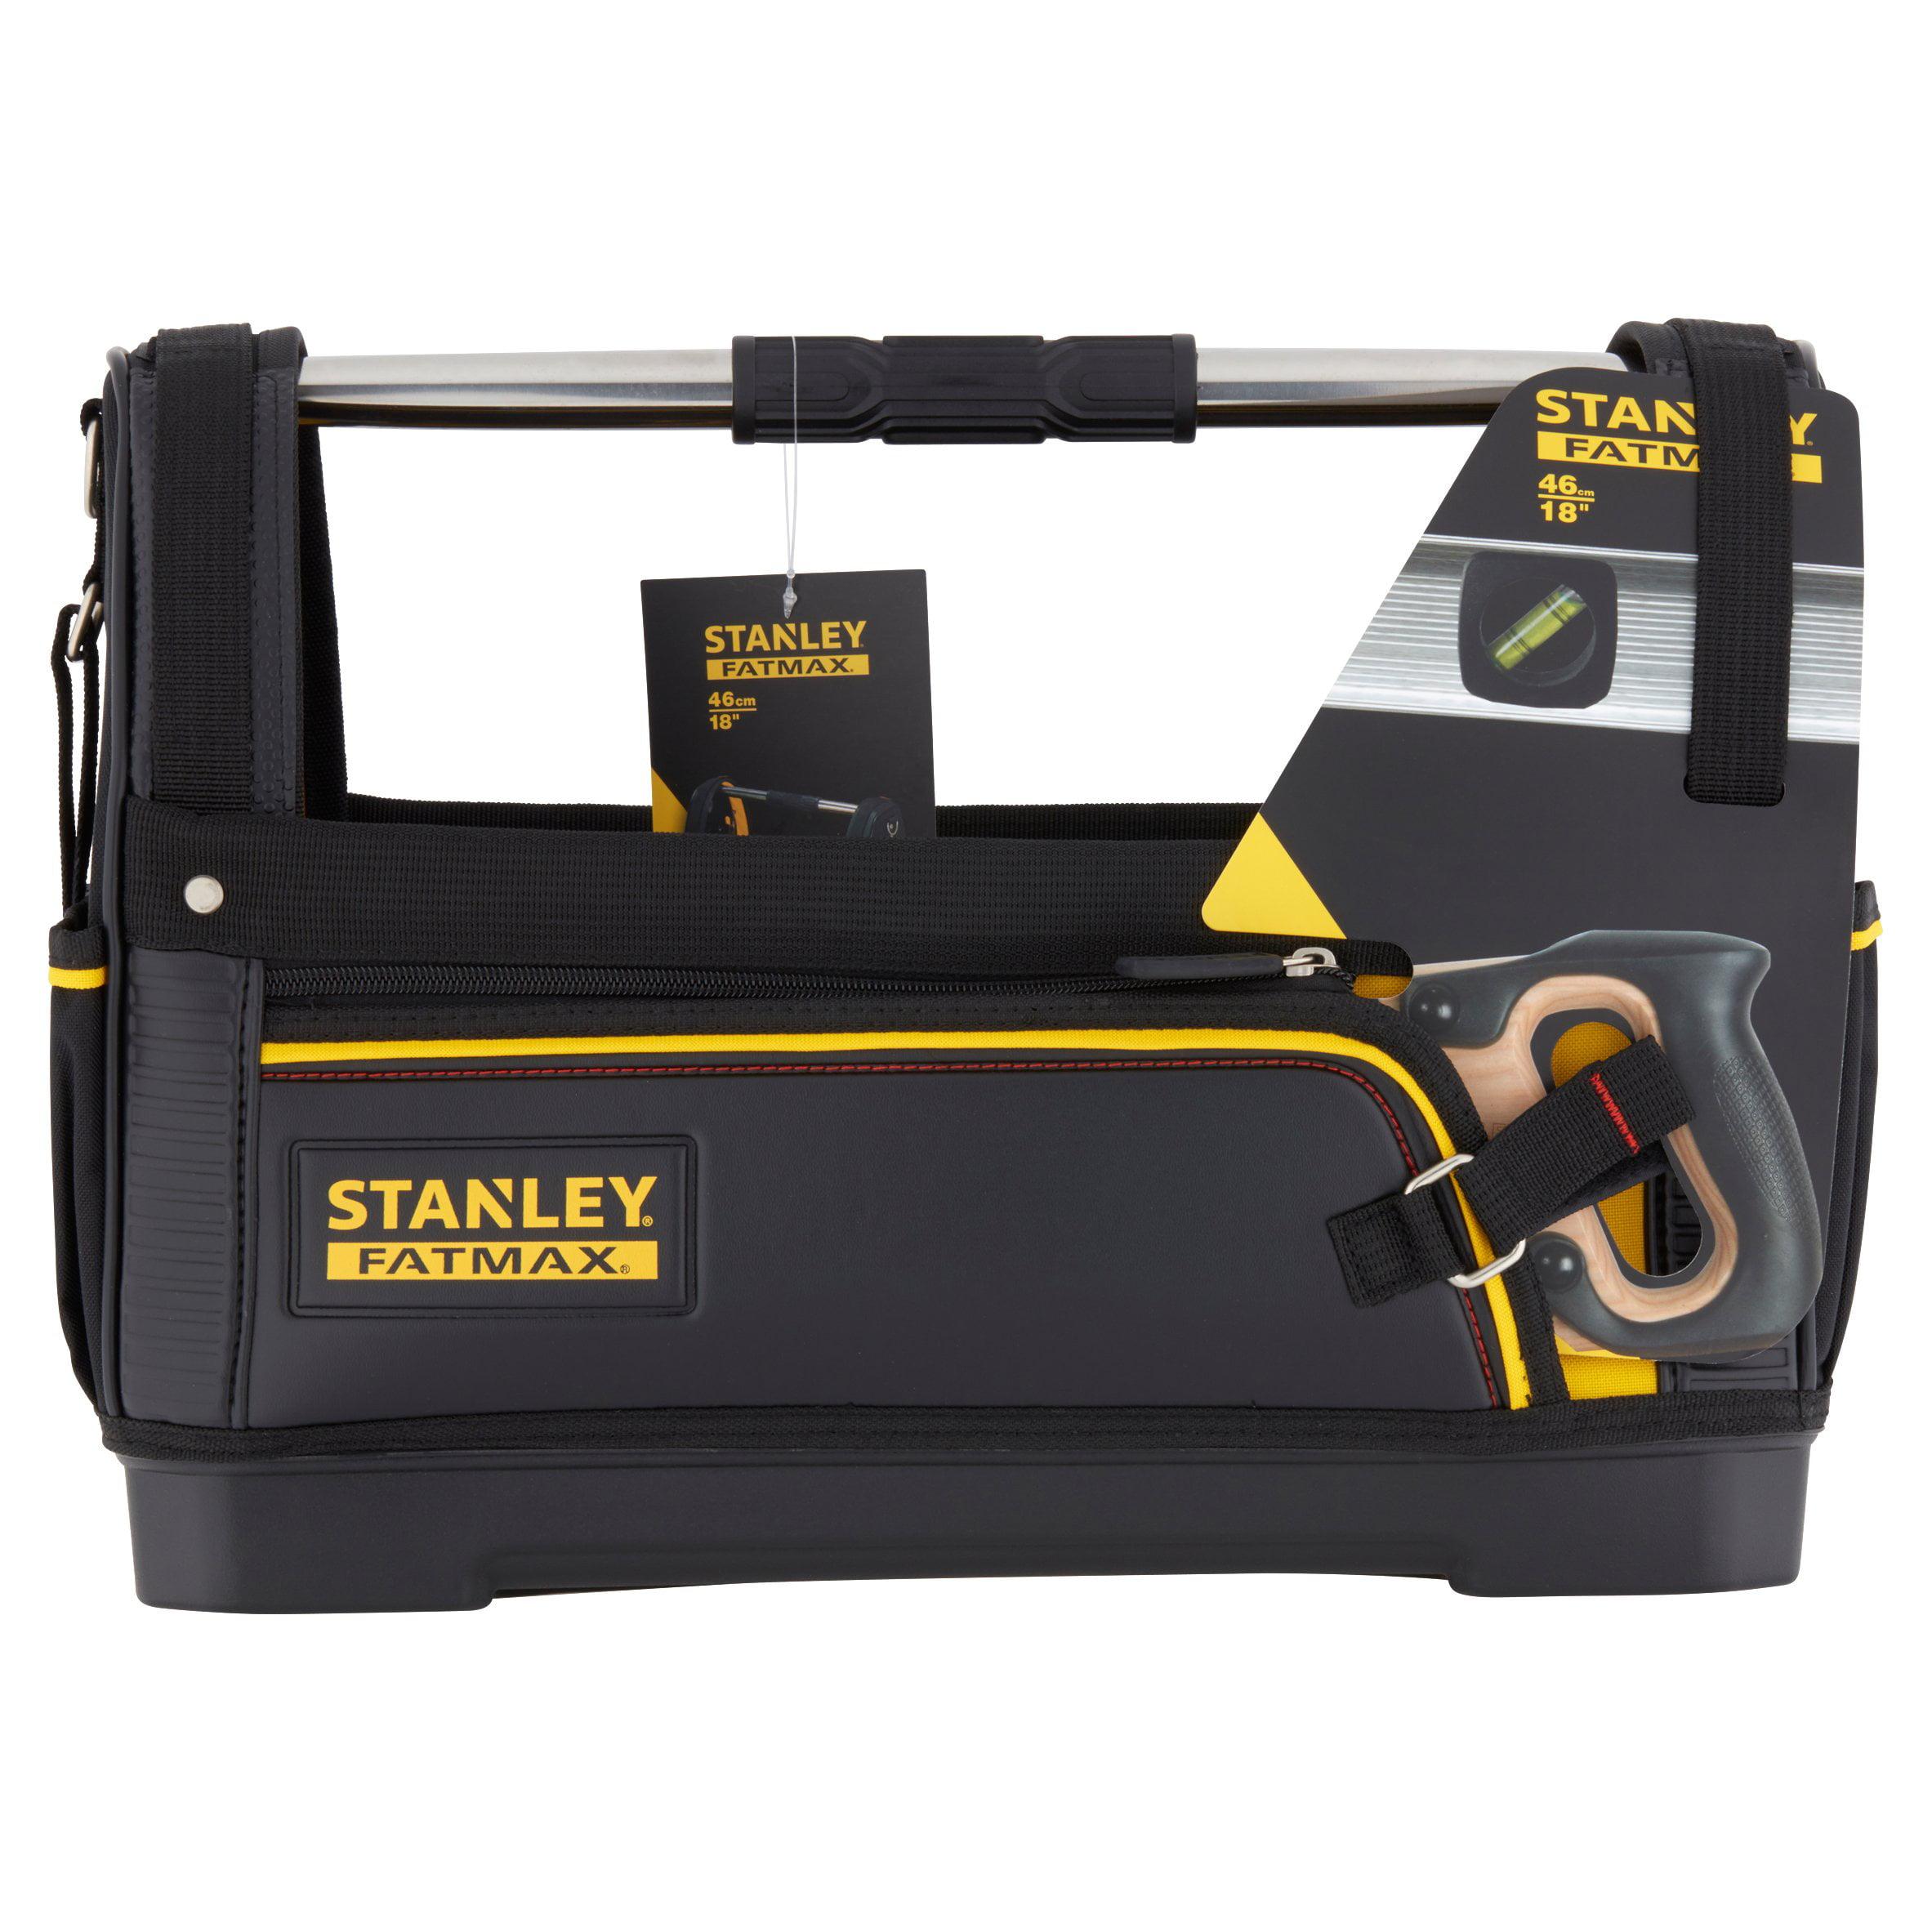 Stanley Fatmax Tool Bag by Stanley Black & Decker